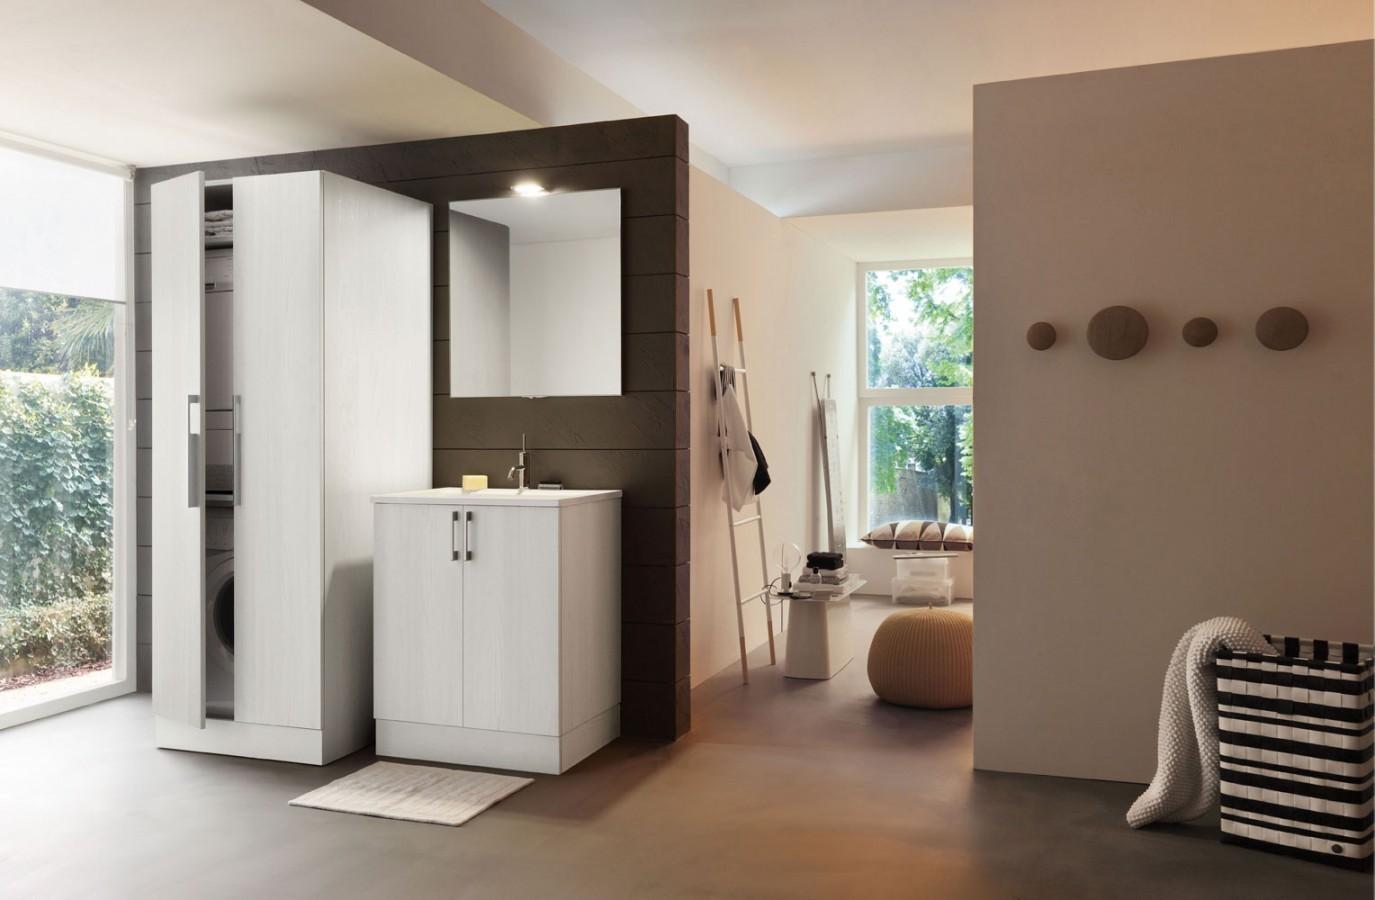 Arbi Mobili Bagno : Mobili e arredamento per la lavanderia del tuo bagno